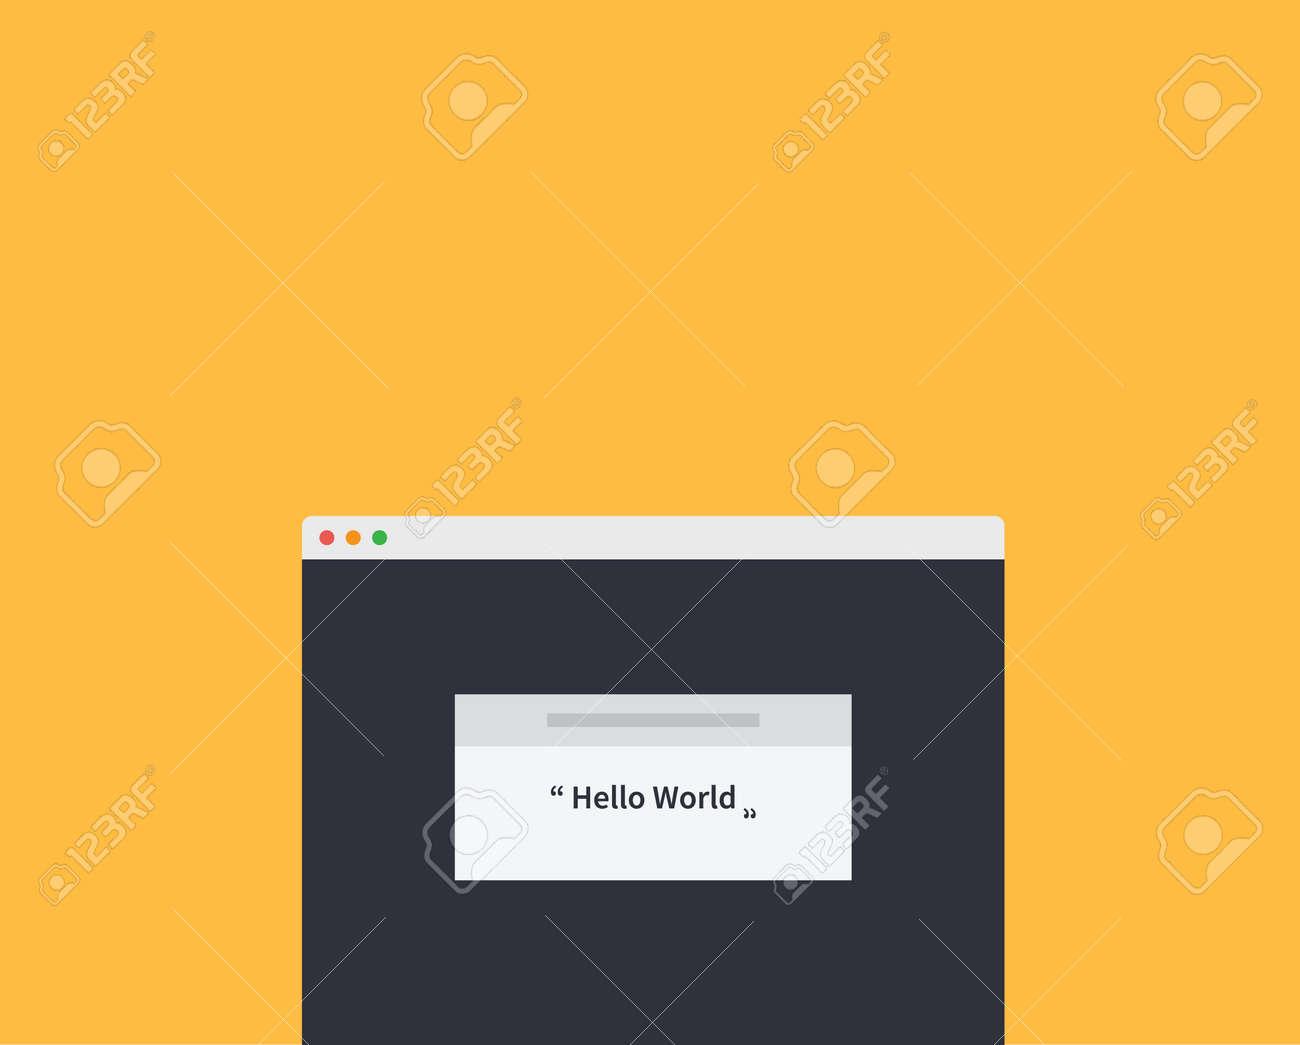 La Página Web De Estilo Diseño De La Ventana Maqueta. Sitio De La ...